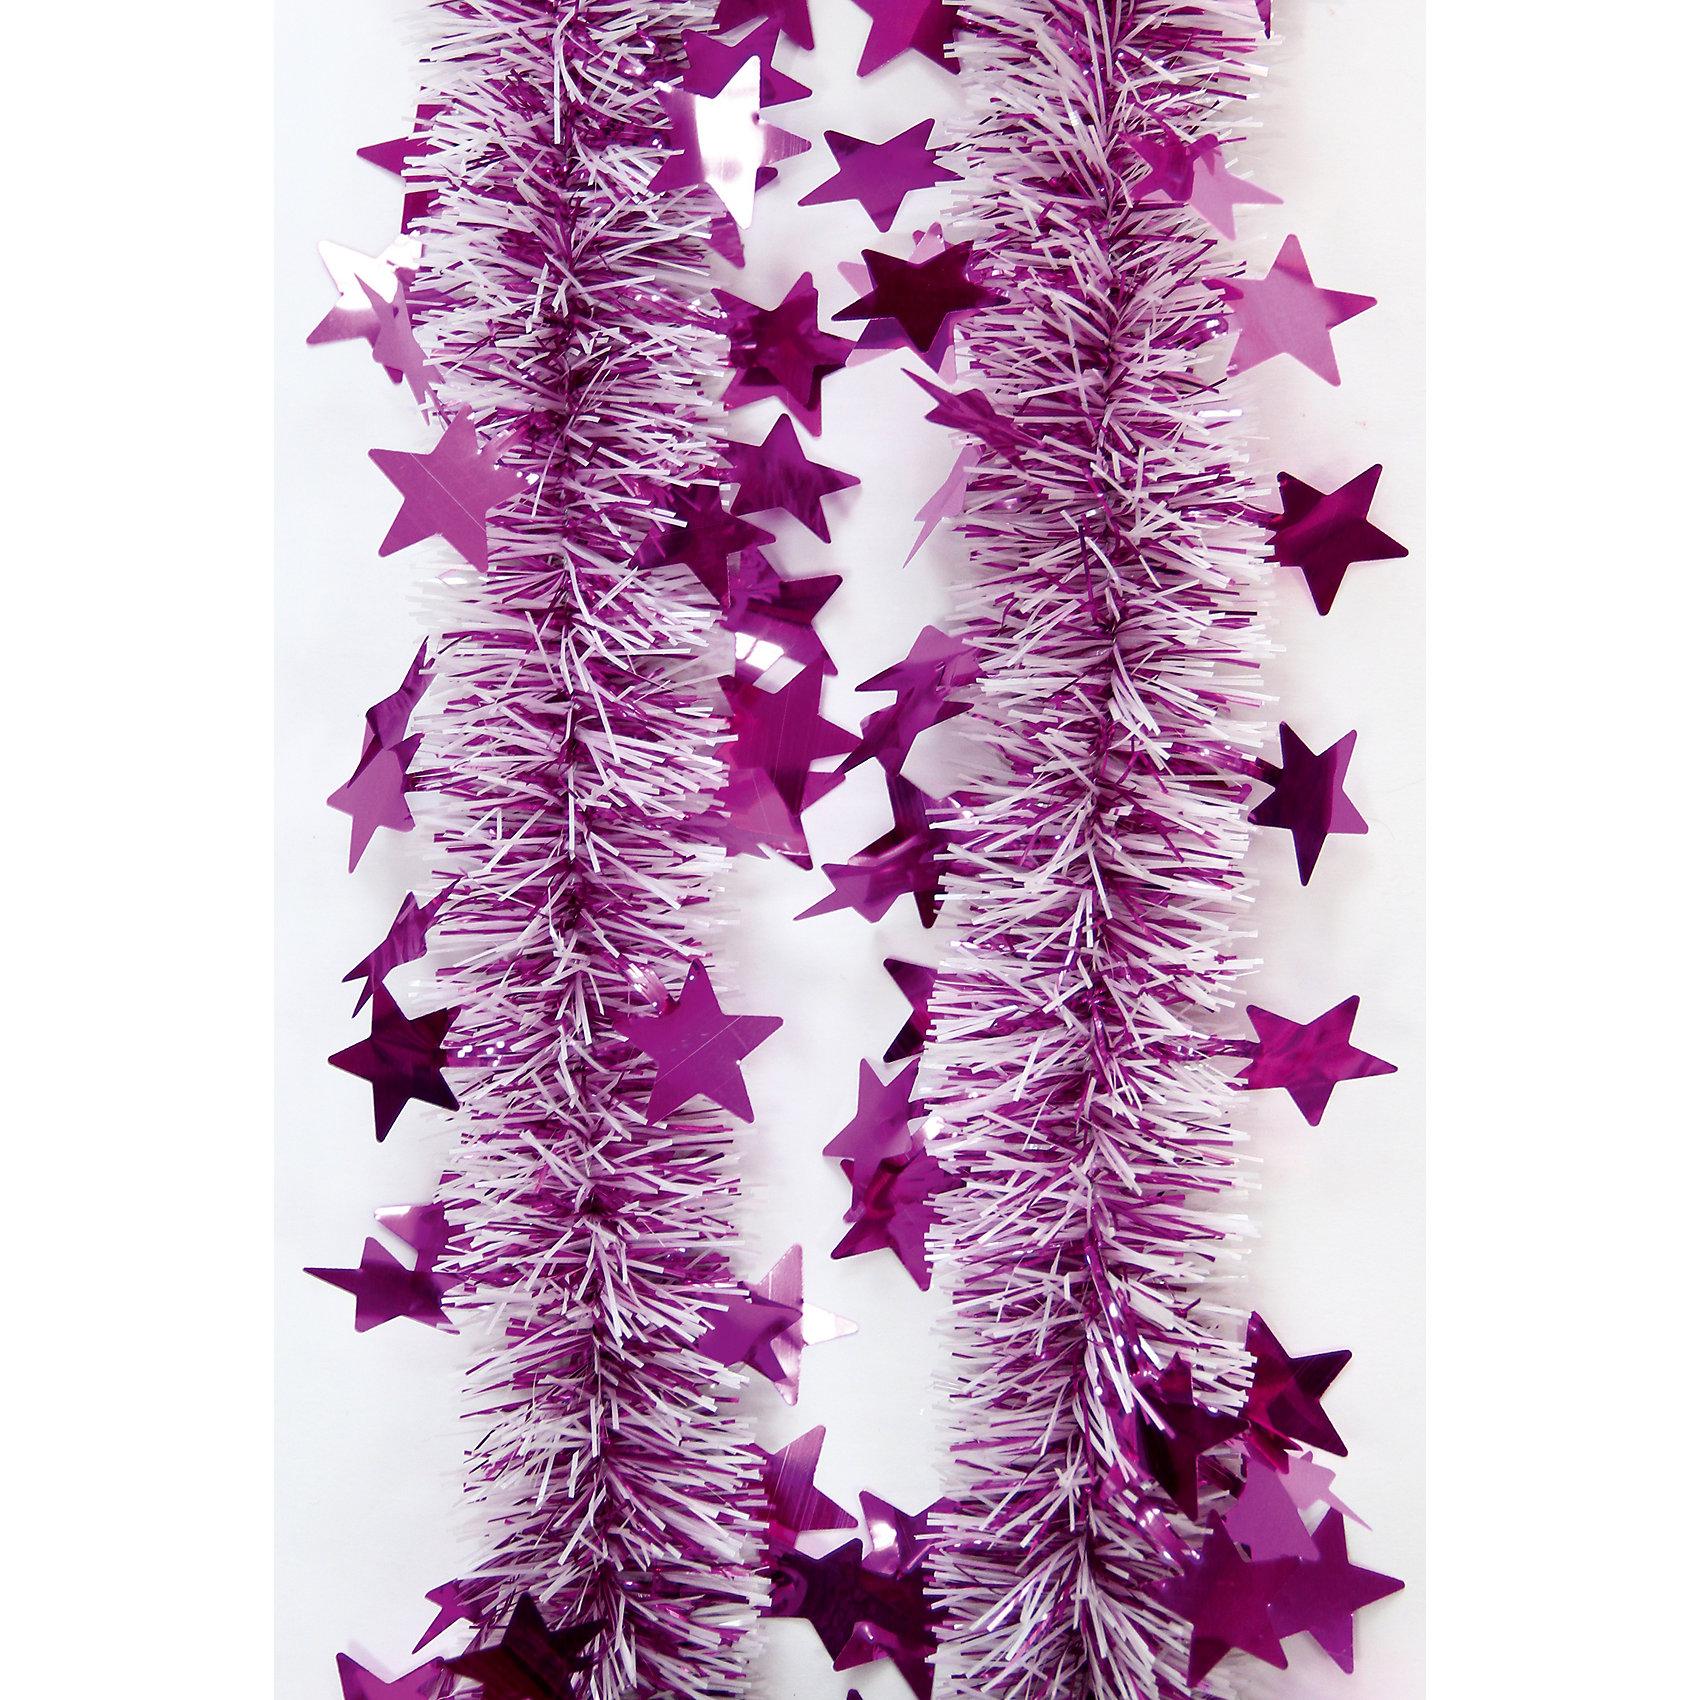 Мишура Розовый 6*200 смВсё для праздника<br>Мишура Розовый 6*200 см – этот новогодний аксессуар принесет в ваш дом ни с чем несравнимое ощущение праздника!<br>Пушистая новогодняя мишура розового цвета, декорированная звездочками, поможет вам украсить свой дом к предстоящим праздникам. Мишурой можно украсить все, что угодно - елку, квартиру, дачу, офис - как внутри, так и снаружи. Можно сложить новогодние поздравления, буквы и цифры, дополнить гирлянды, выделить дверные колонны или оплести дверные проемы. Искрящаяся мишура создаст множество ярких бликов, наполнит дом атмосферой волшебства и магии!<br><br>Дополнительная информация:<br><br>- Размер: 6х200 см.<br>- Материал: ПЭТ (полиэтилентерефталат)<br>- Цвет: розовый<br><br>Мишуру Розовый 6*200 см можно купить в нашем интернет-магазине.<br><br>Ширина мм: 100<br>Глубина мм: 100<br>Высота мм: 60<br>Вес г: 620<br>Возраст от месяцев: 36<br>Возраст до месяцев: 2147483647<br>Пол: Унисекс<br>Возраст: Детский<br>SKU: 4981508